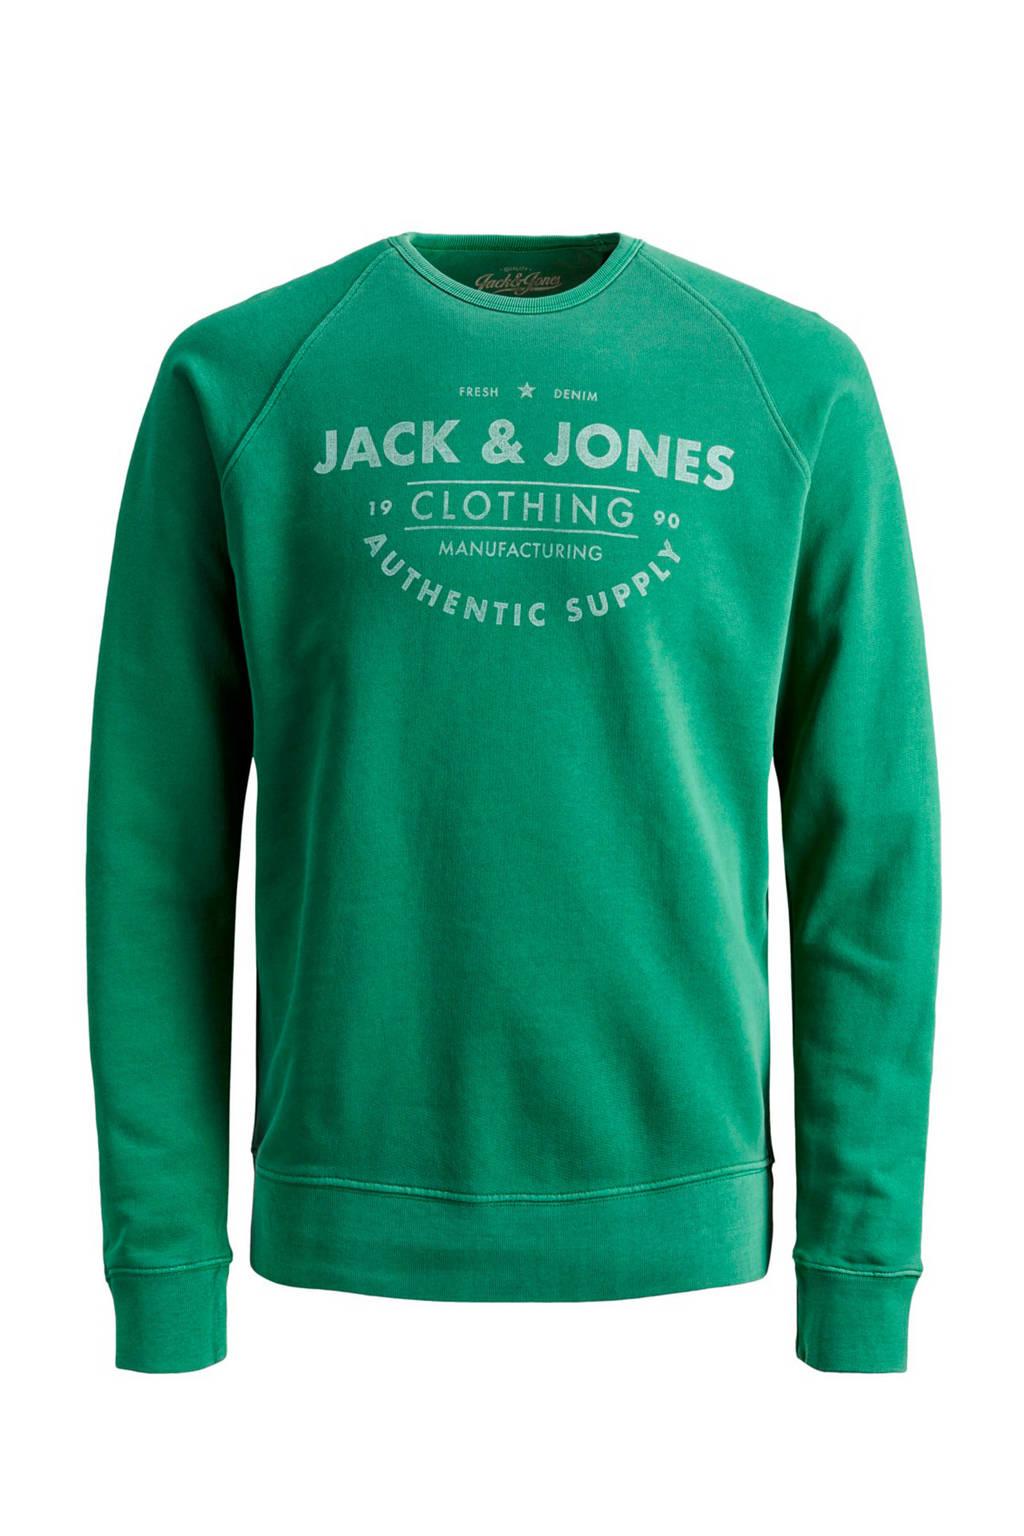 JACK & JONES JUNIOR sweater Jeans met tekst groen/wit, Groen/wit